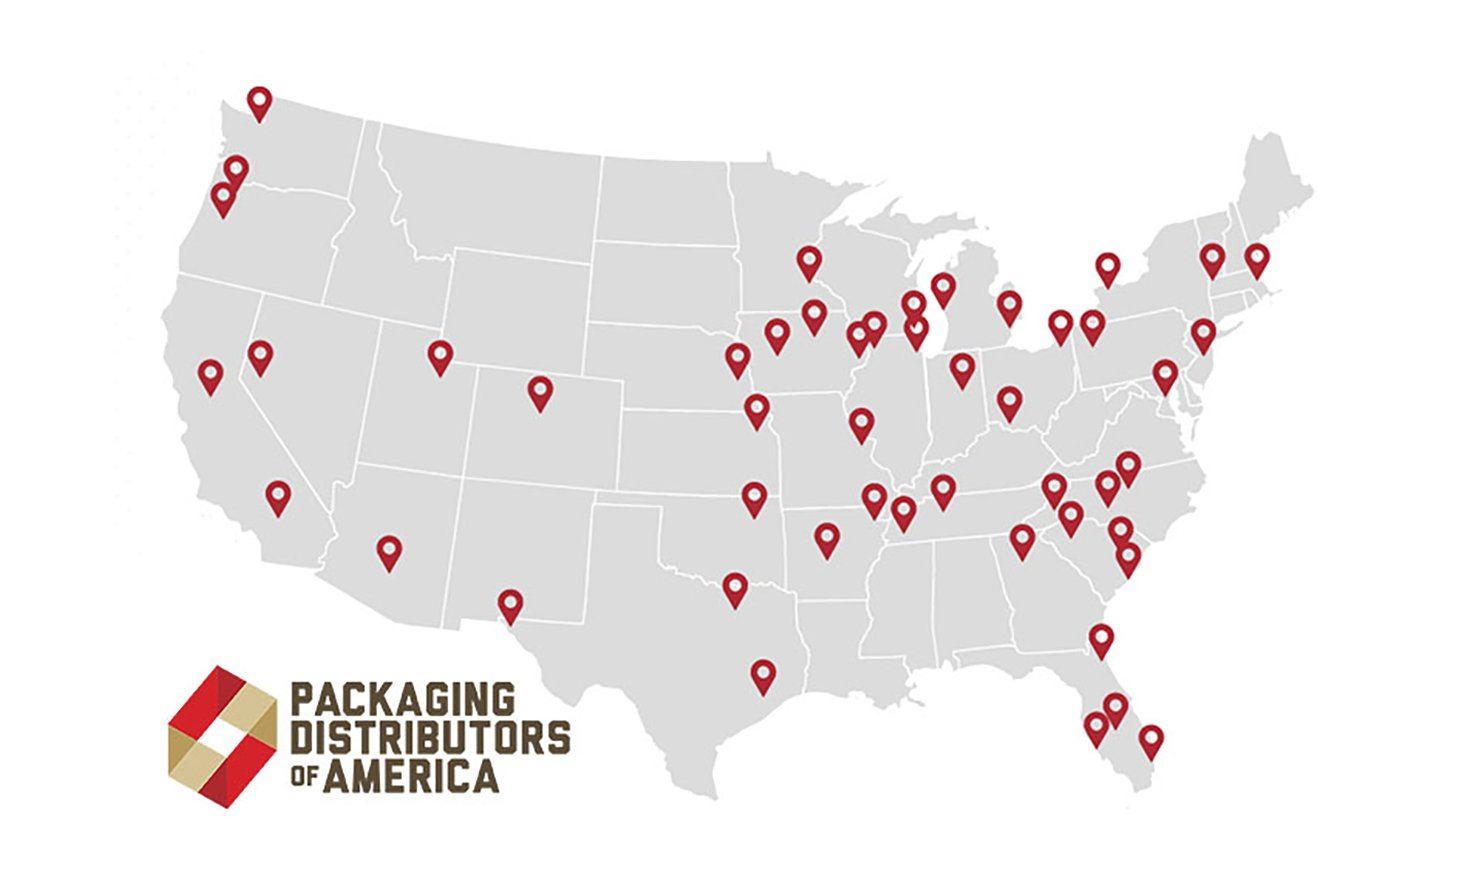 Packaging Distributors of America